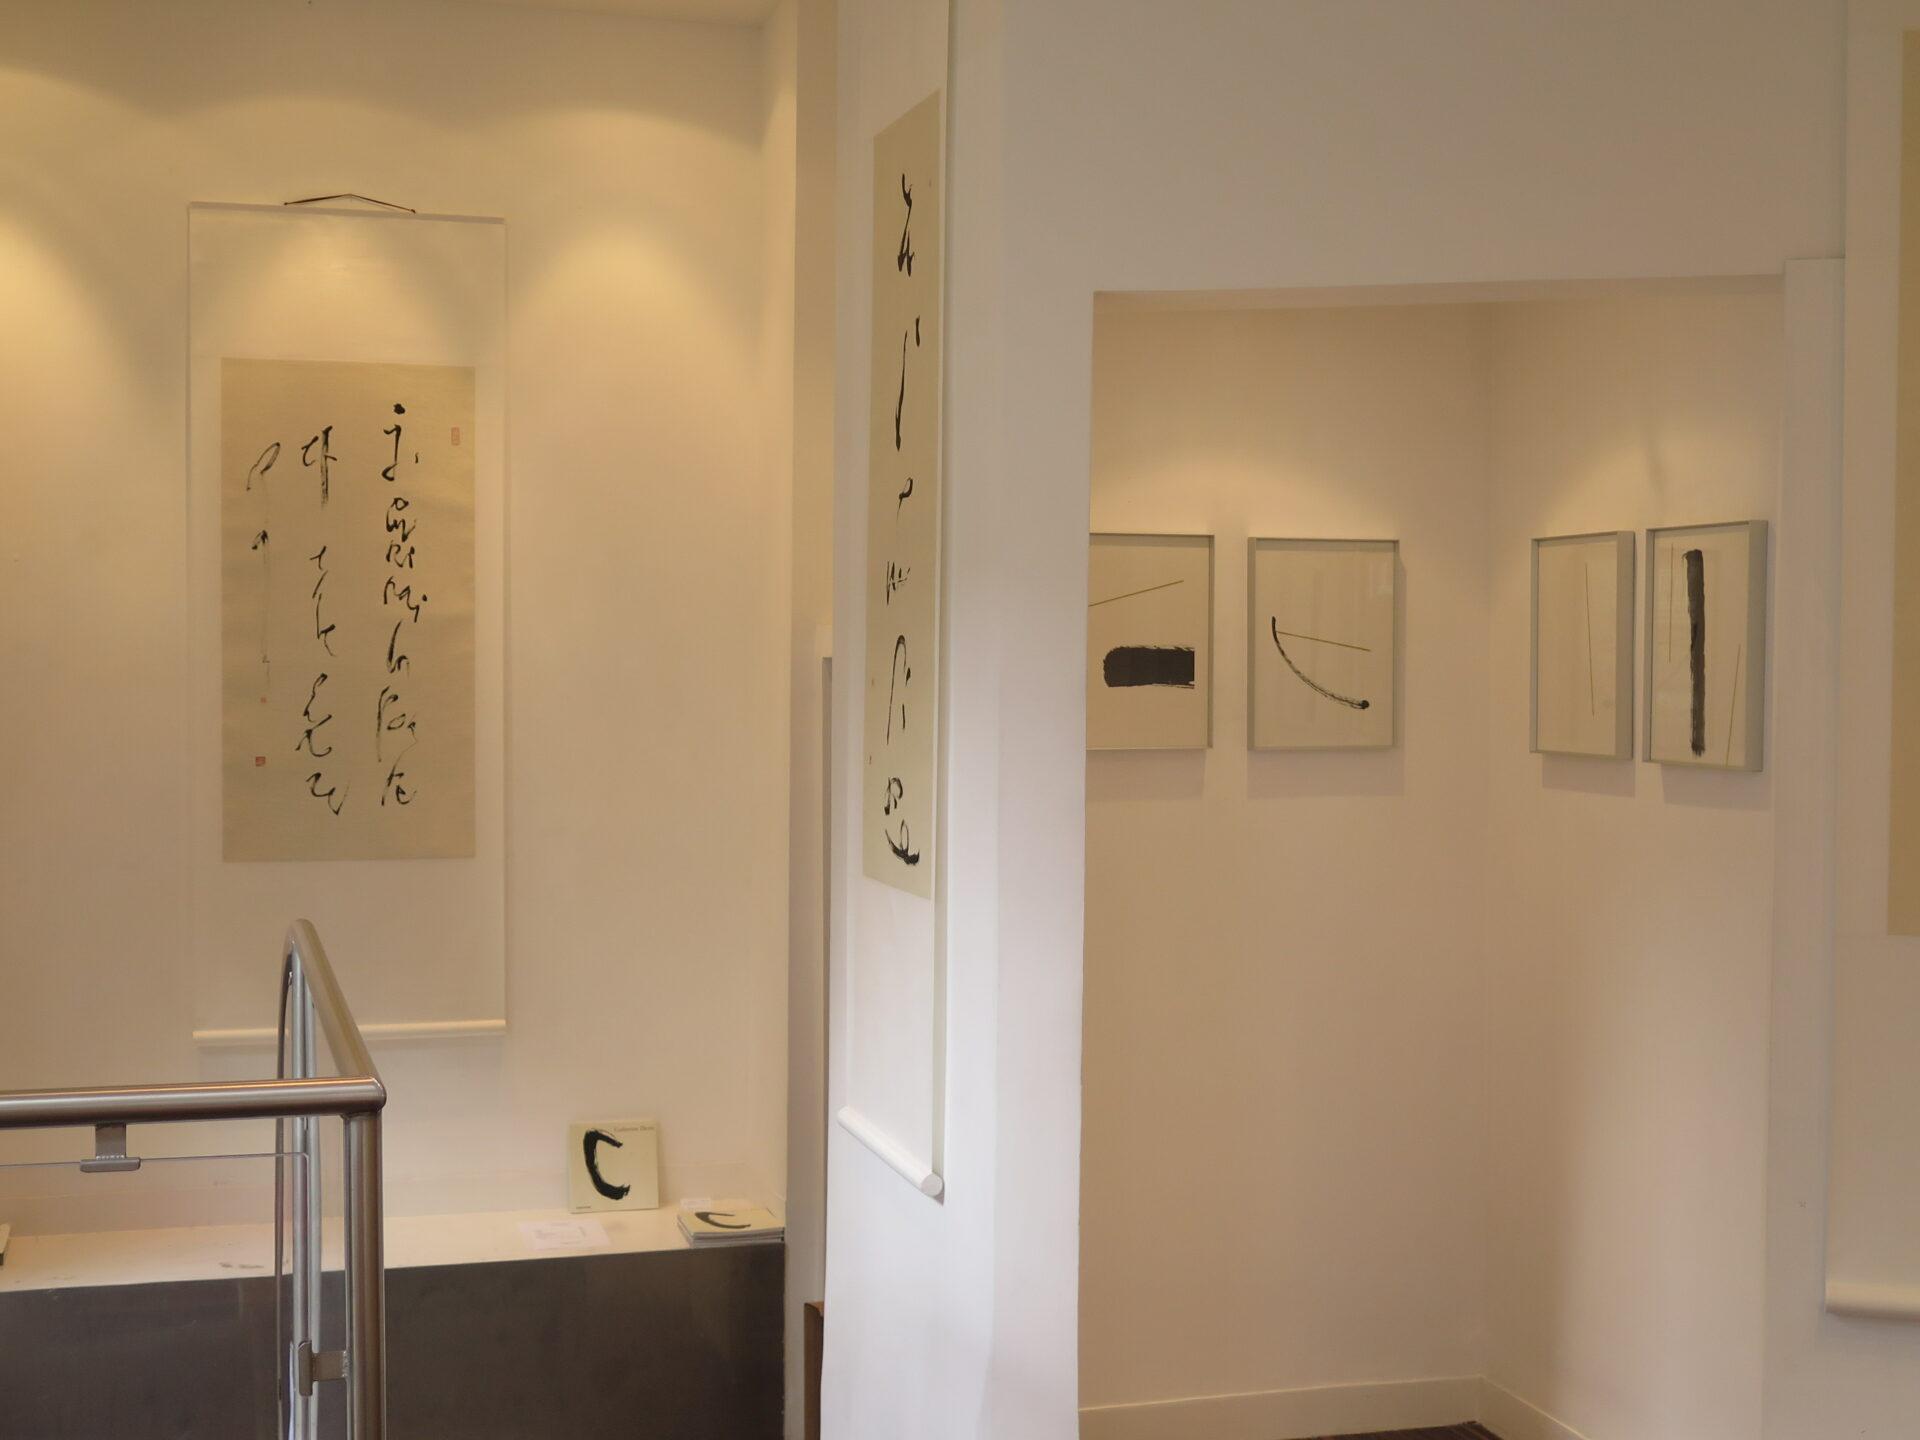 2014 - Galerie Ombre et Lumière, Saint-Malo (35400)